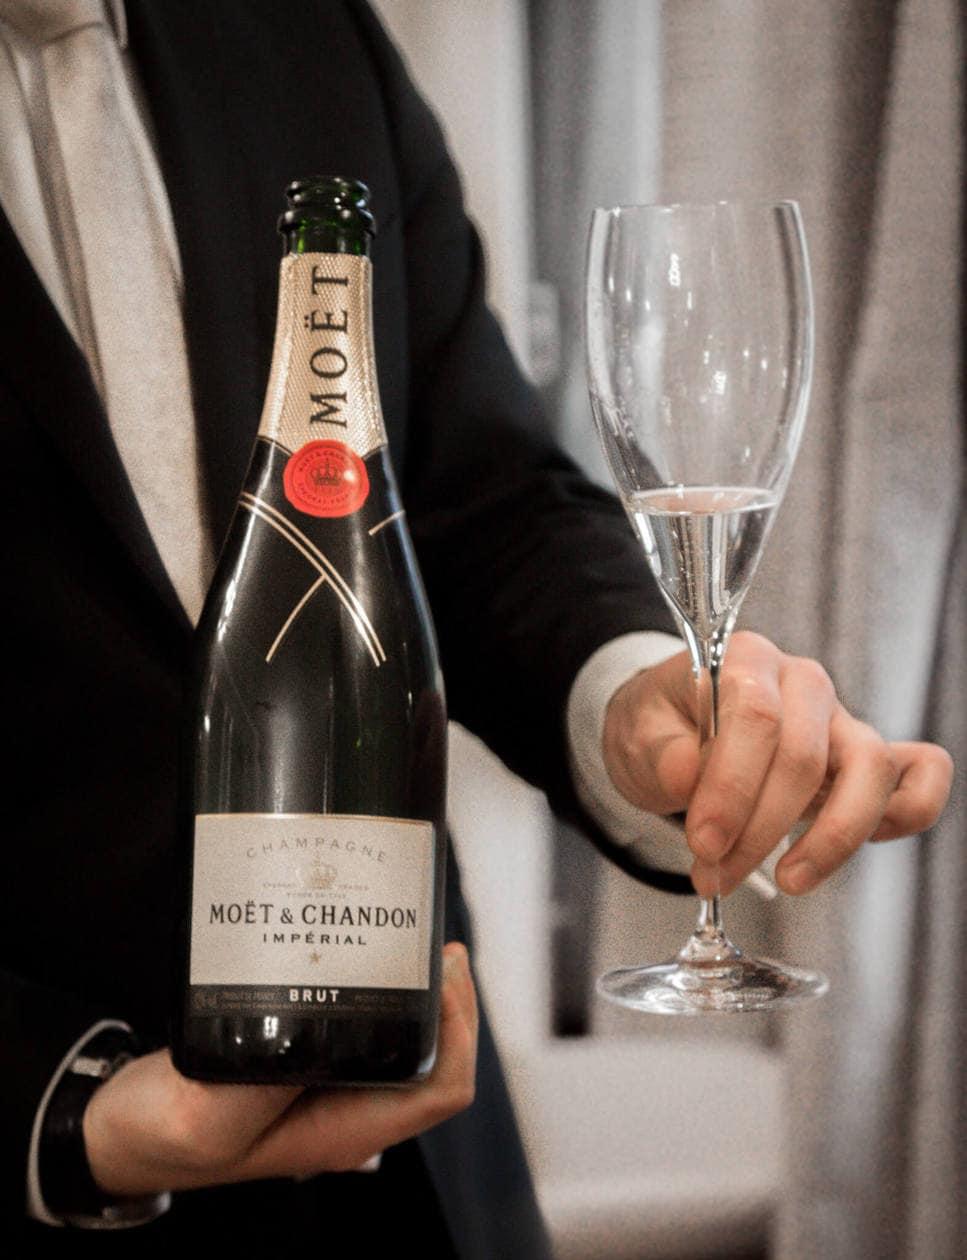 Шампанское moet & chandon (моет шандон): история бренда и обзор линейки